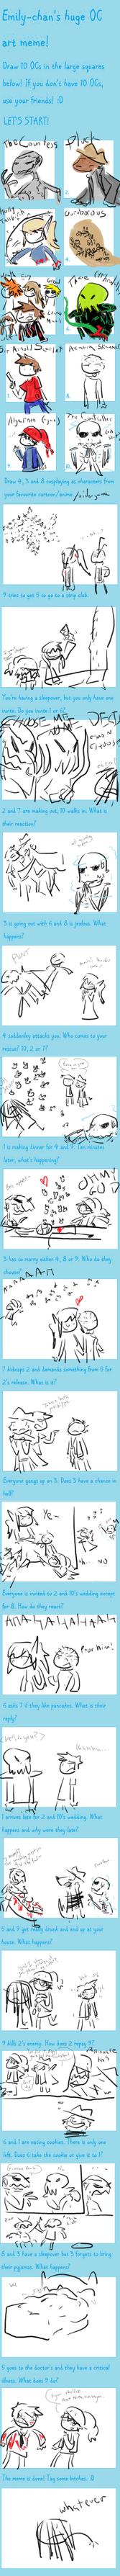 OC Meme Again by Sei-sama